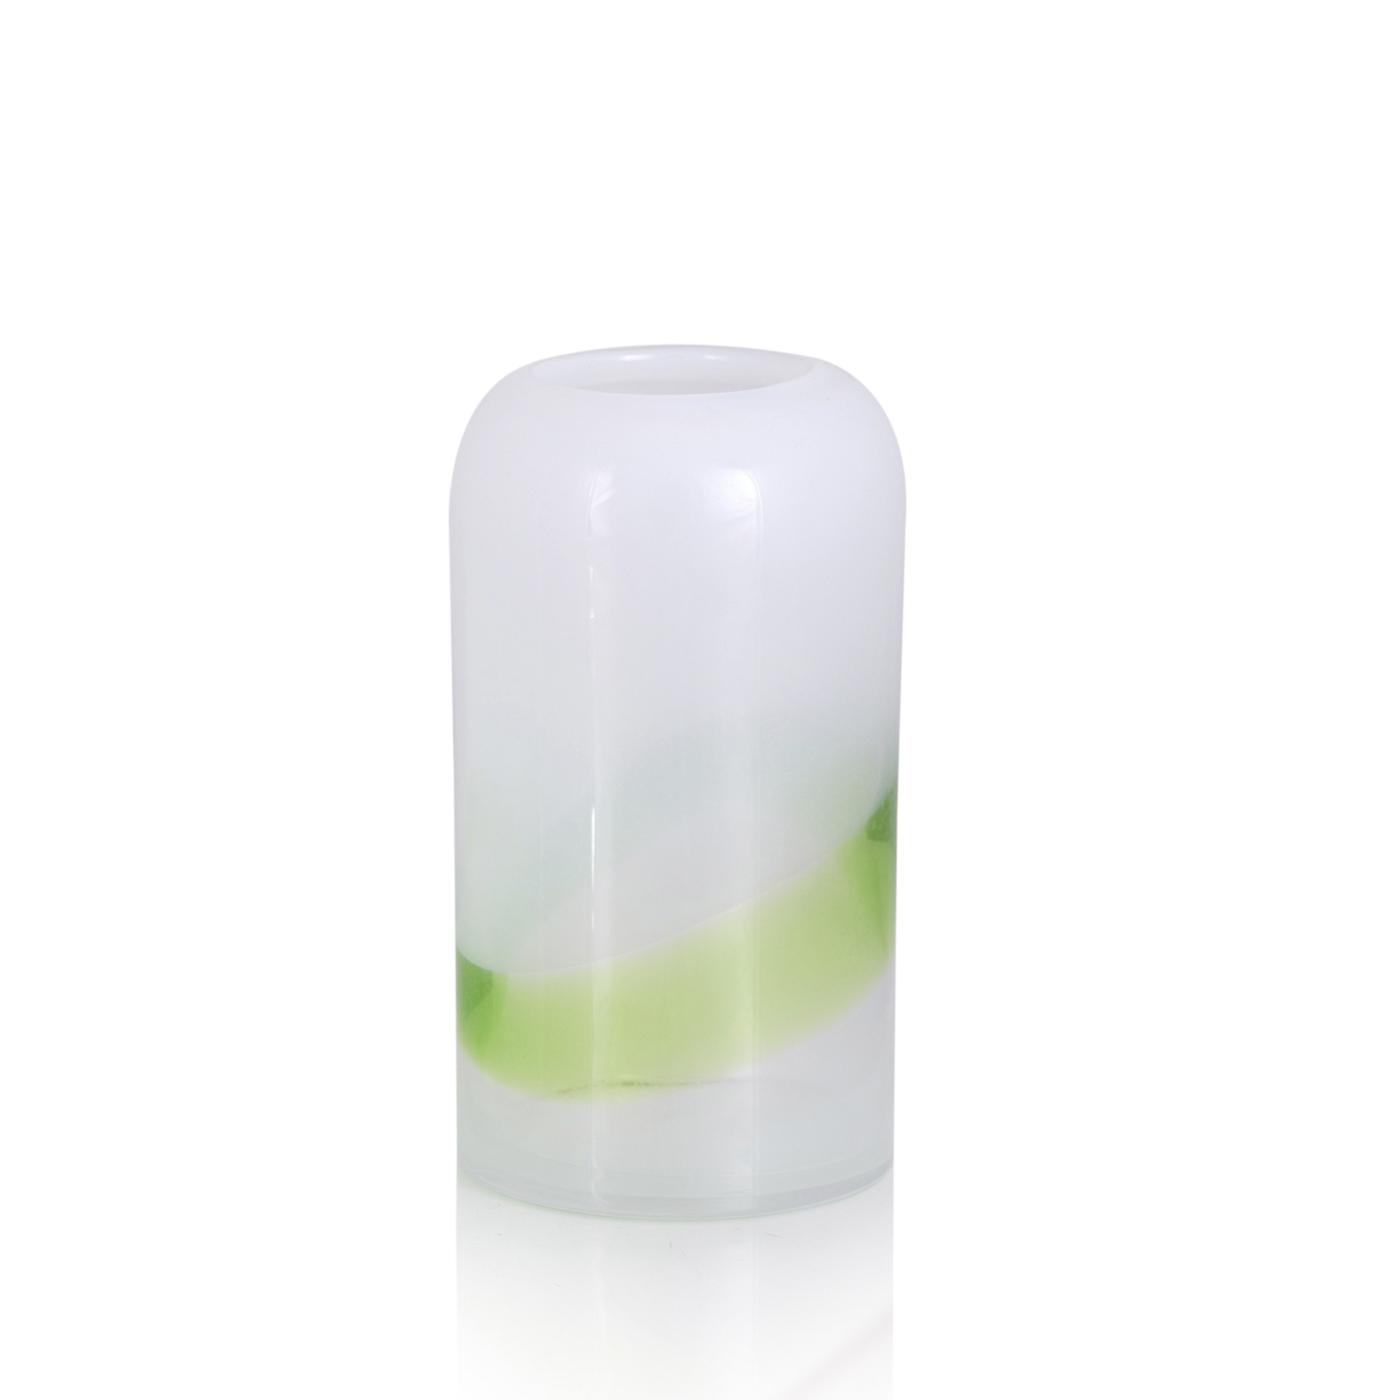 {} Home Philosophy Ваза Anoxion Цвет: Белый-Салатовый (12х12х21 см) home philosophy ваза mariana цвет молочный набор